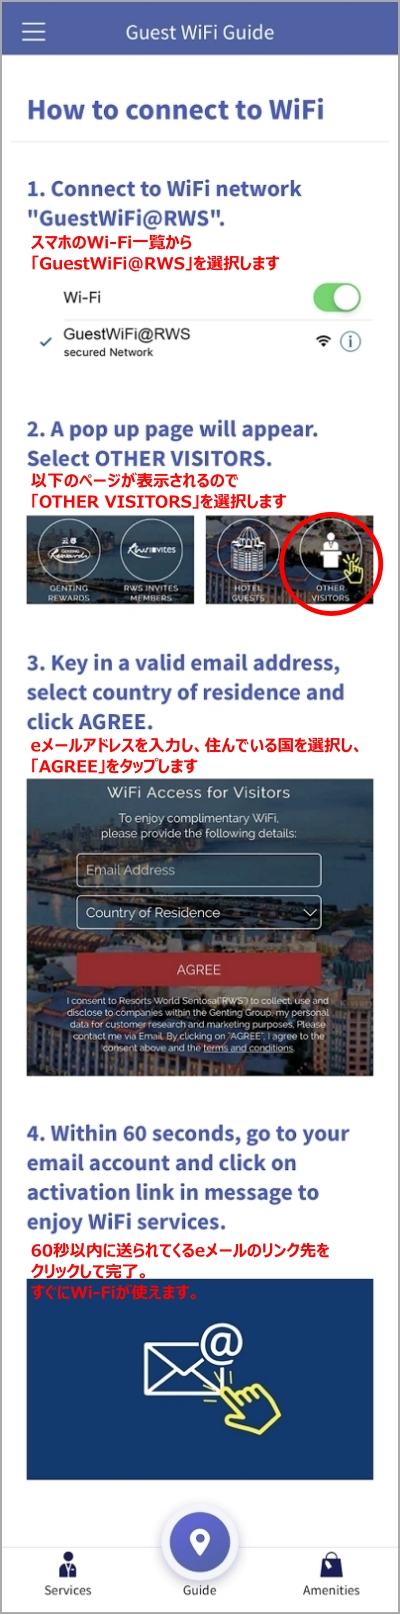 無料Wi-Fiの使い方の説明と翻訳